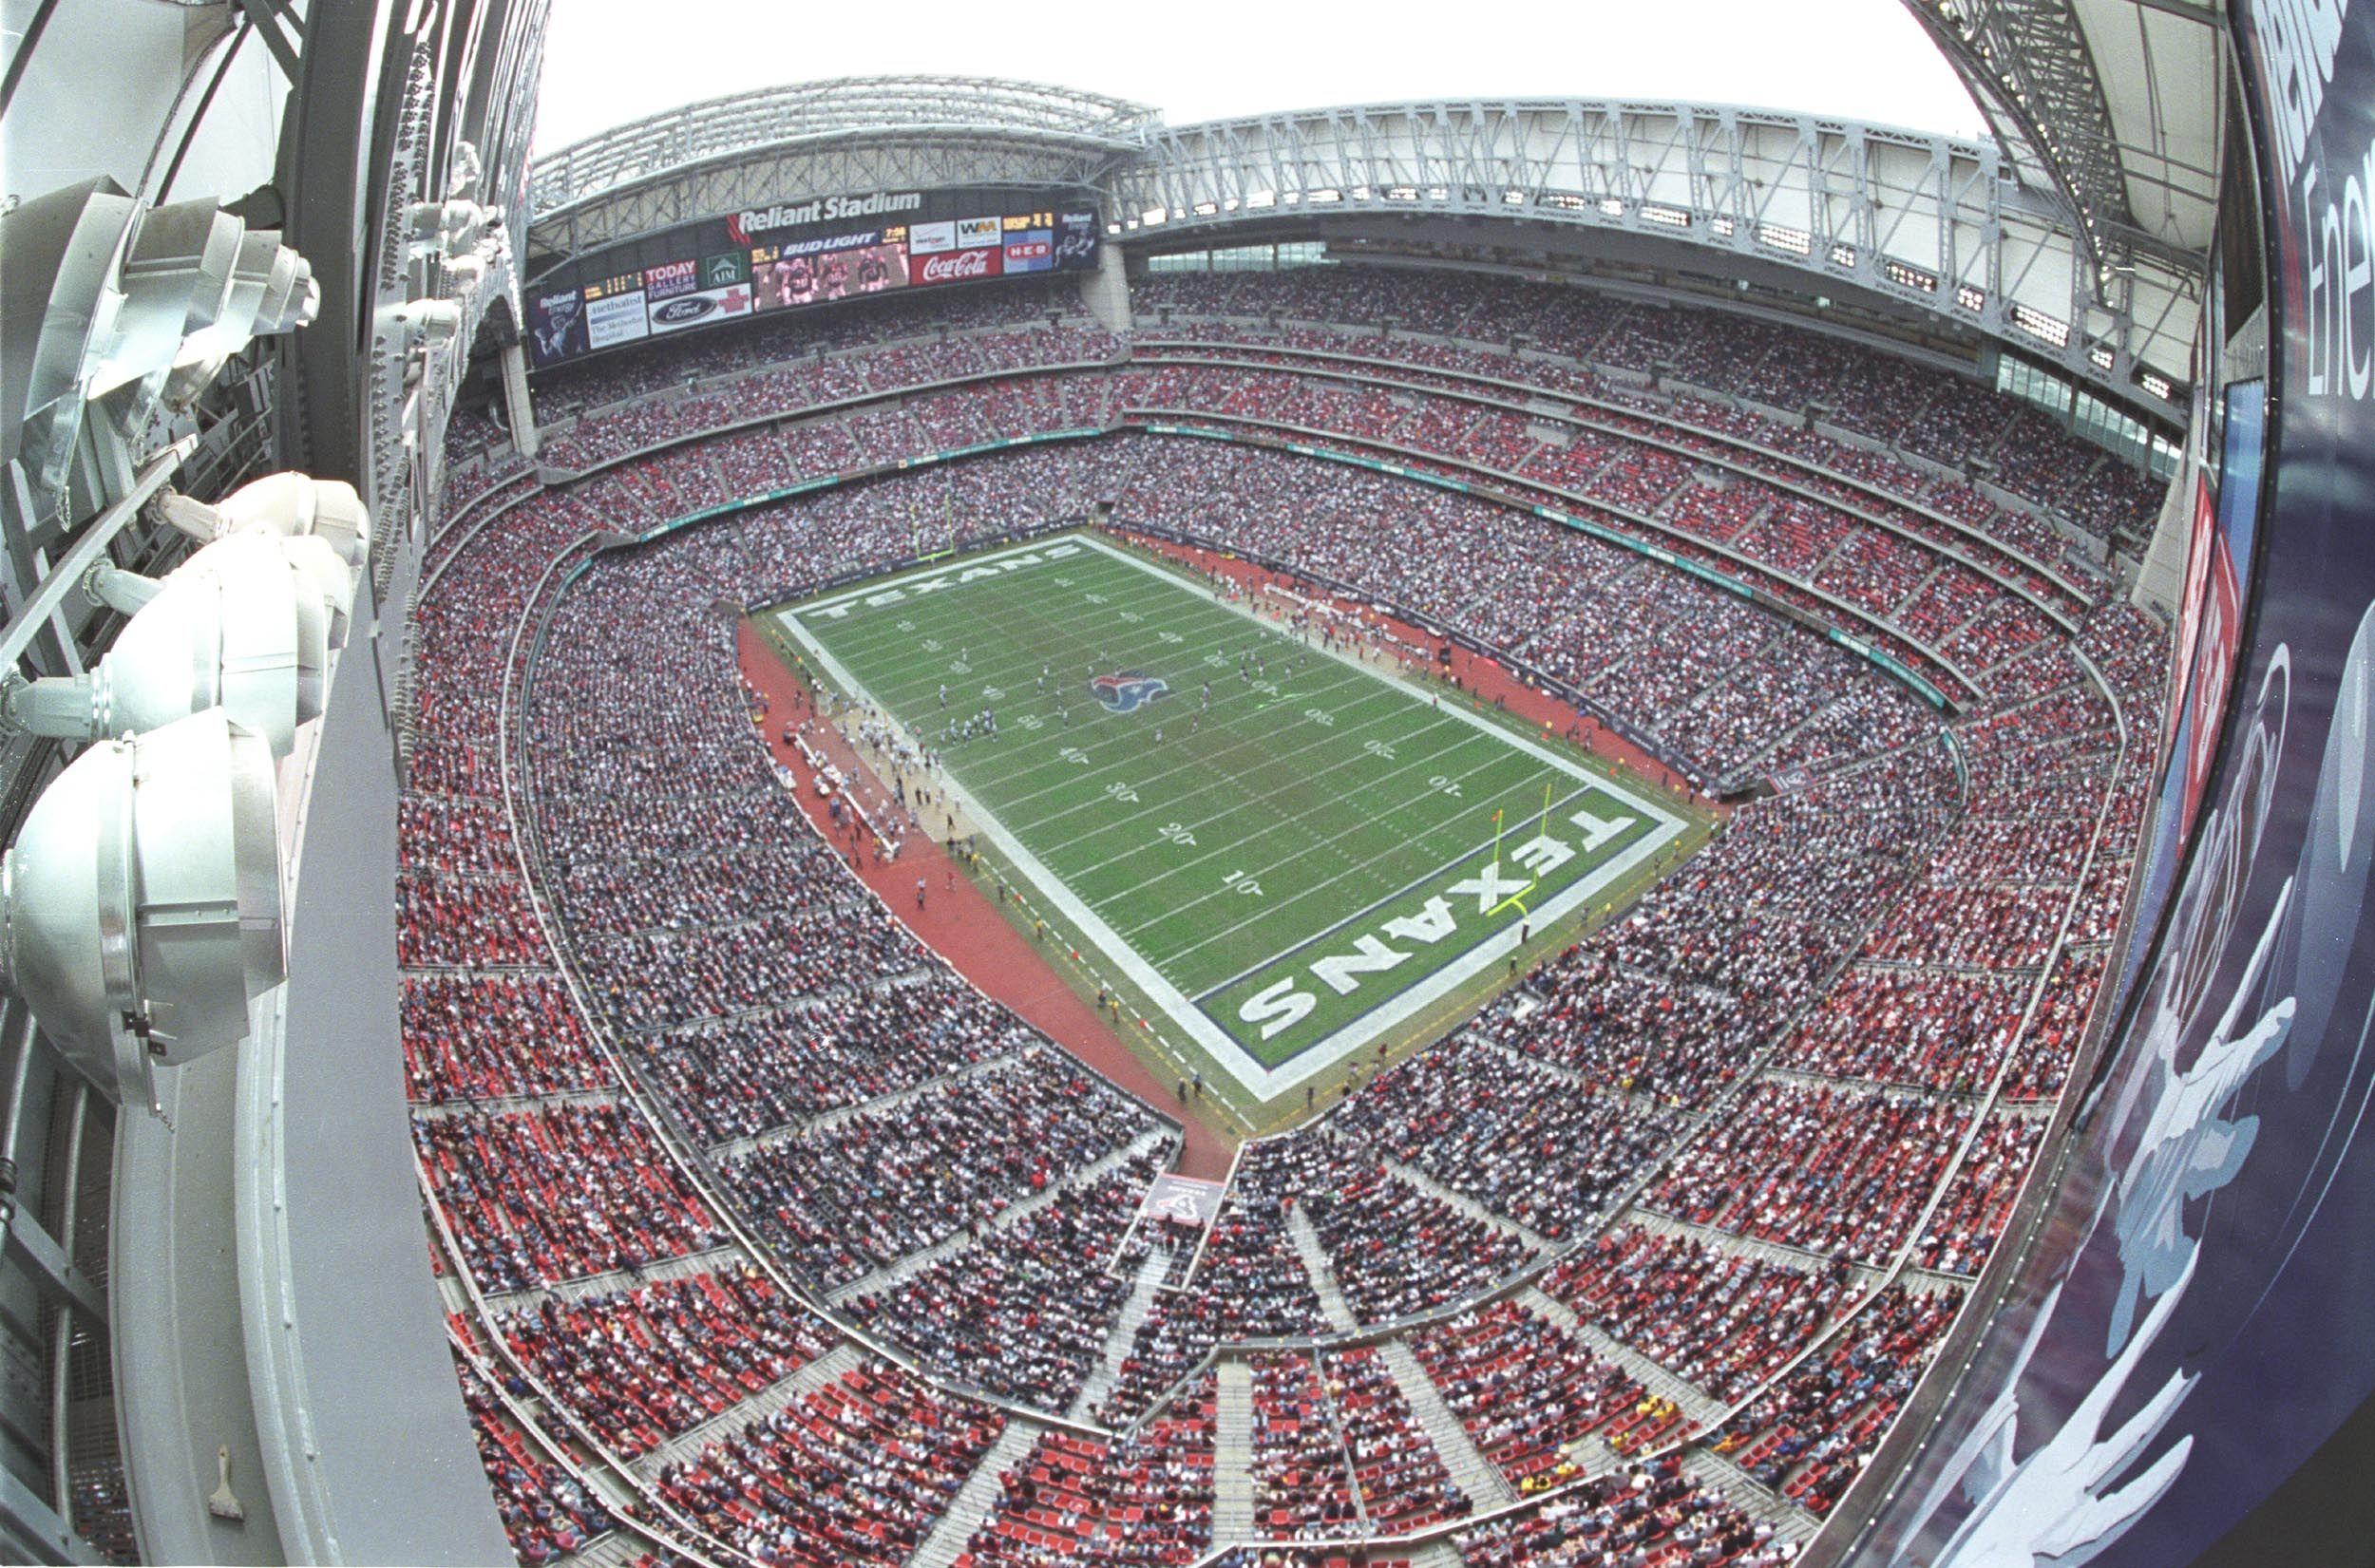 Reliant Stadium, Houston - Houston Texans (NFL) - Capacity